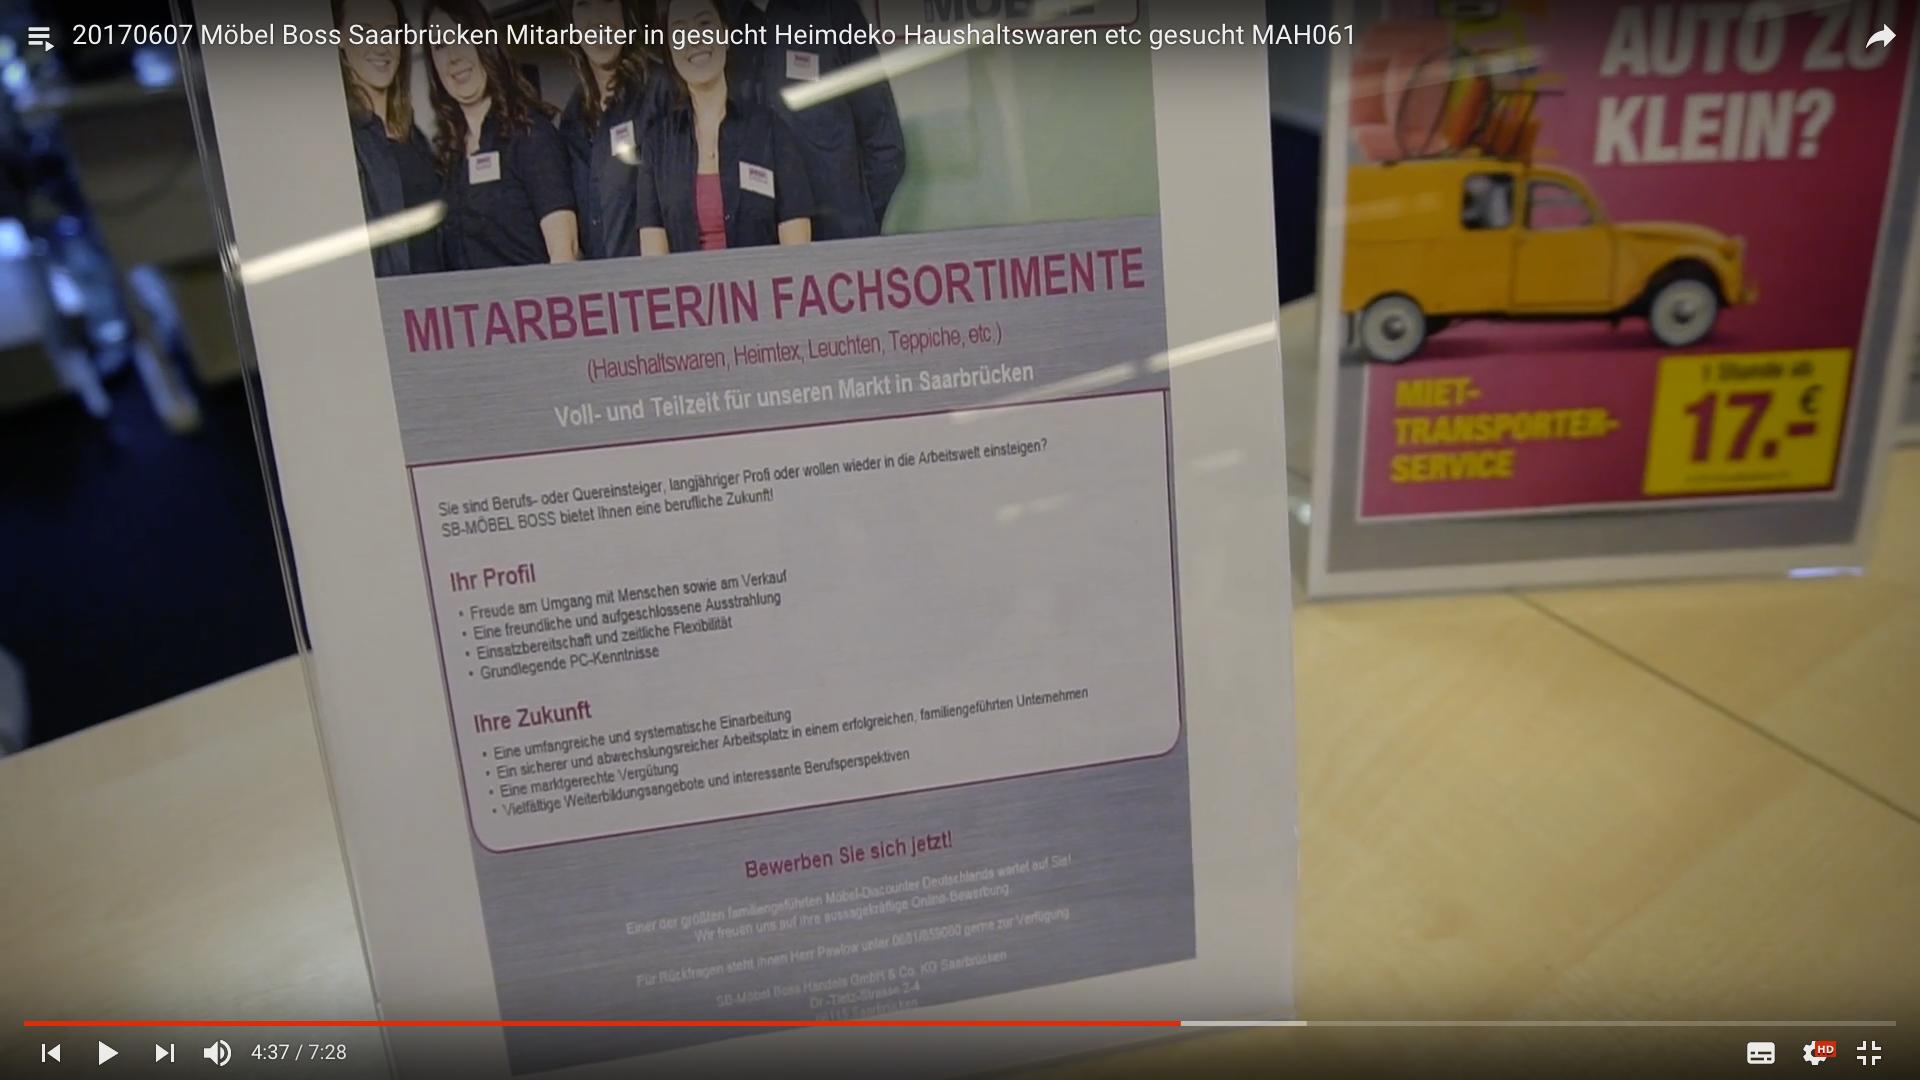 20170607 Möbel Boss Saarbrücken Mitarbeiter In Gesucht Heimdeko